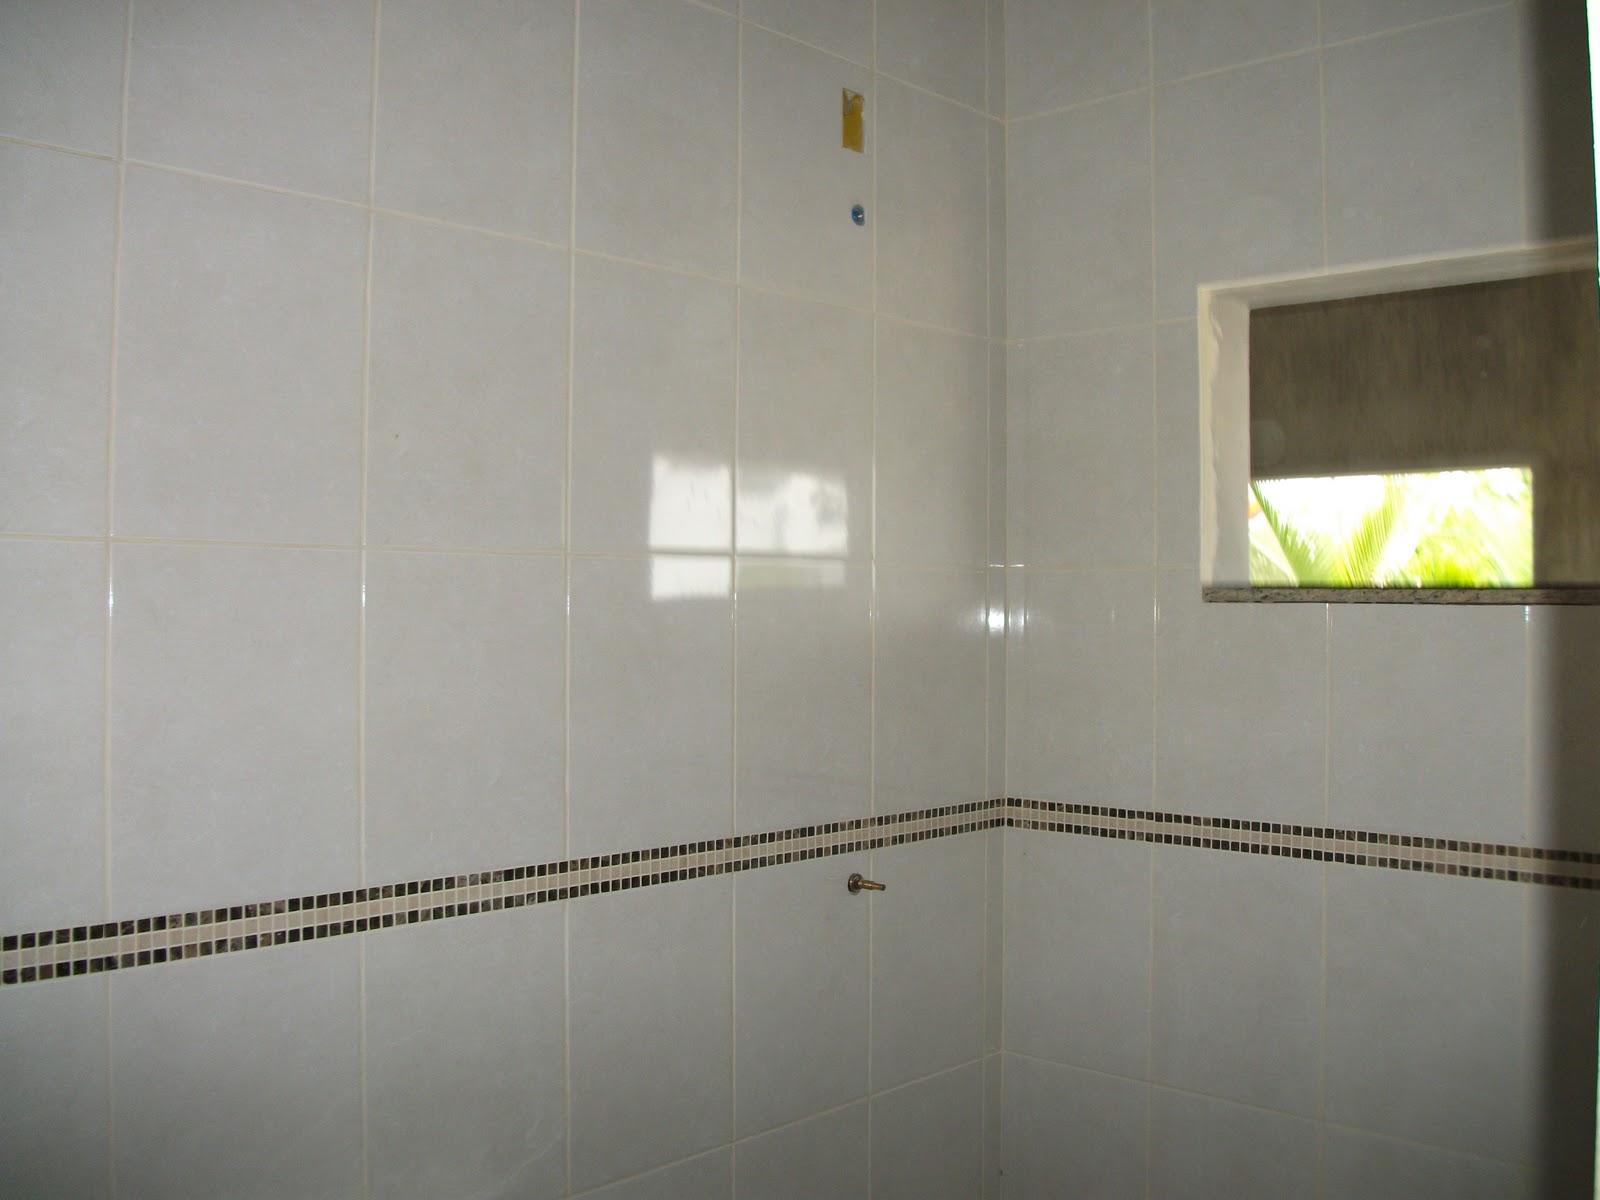 CONSTRUTOR ANDREI GAROPABA SC  : REVESTIMENTO EM PORCELANATO CASA  #A6B912 1600x1200 Banheiro Com Revestimento De Porcelanato